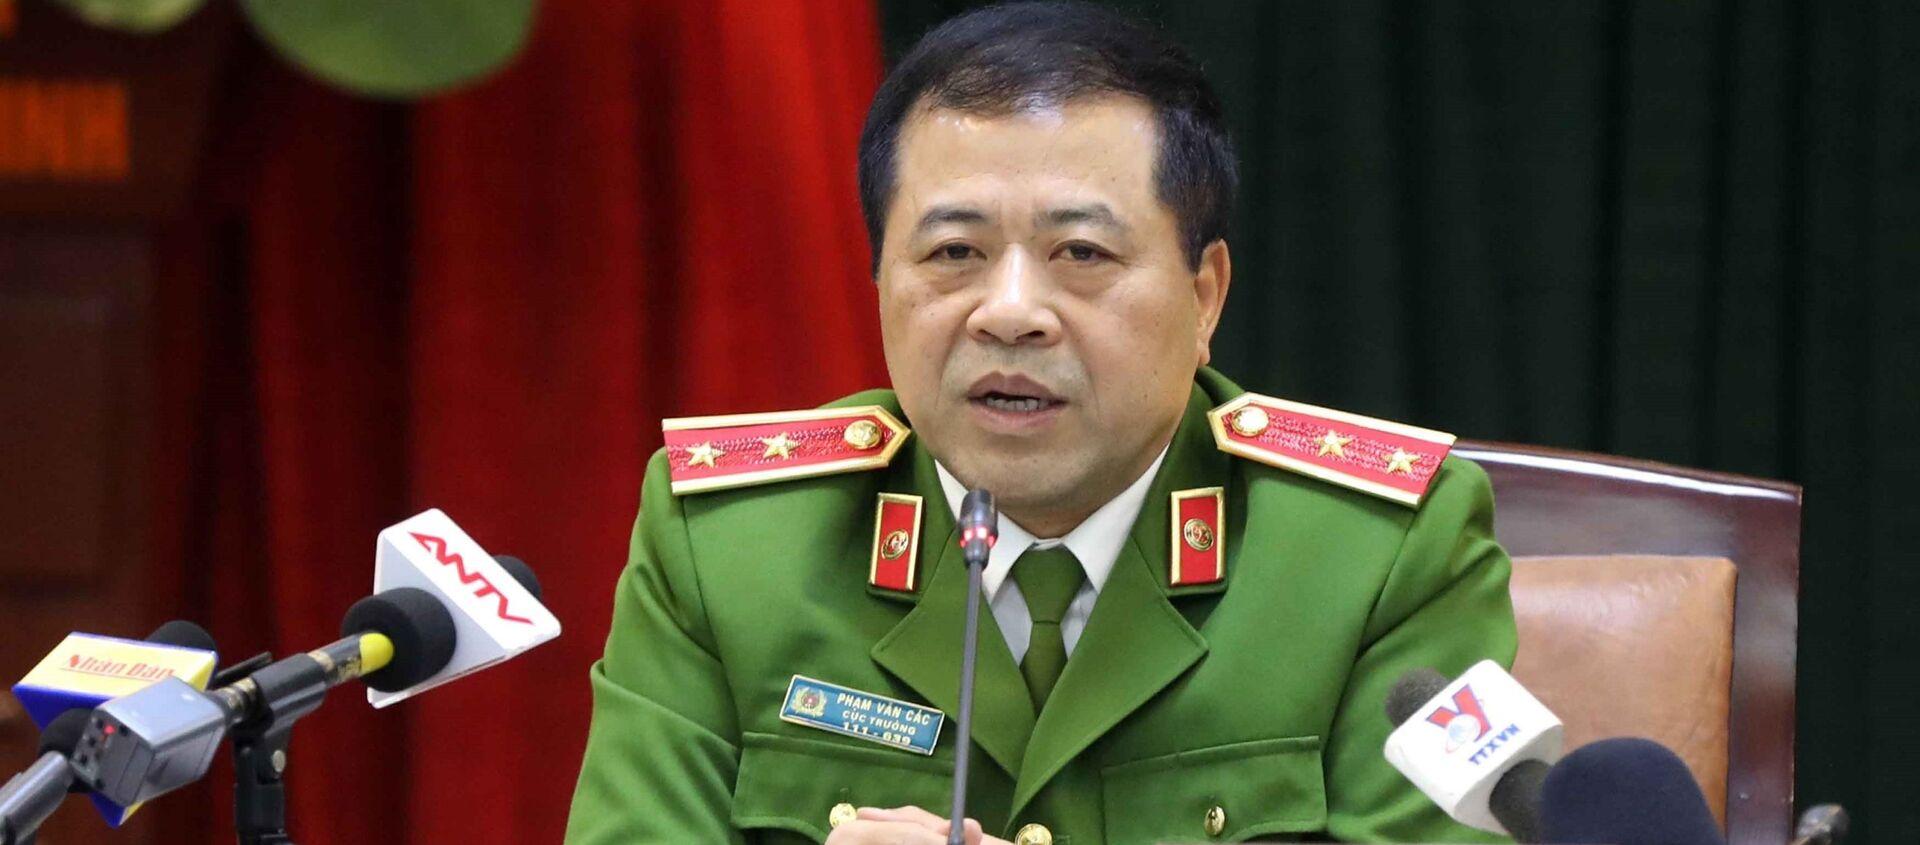 Trung tướng Phạm Văn Các, Cục trưởng Cục Cảnh sát điều tra tội phạm về ma túy thông tin cho phóng viên báo chí - Sputnik Việt Nam, 1920, 21.12.2019